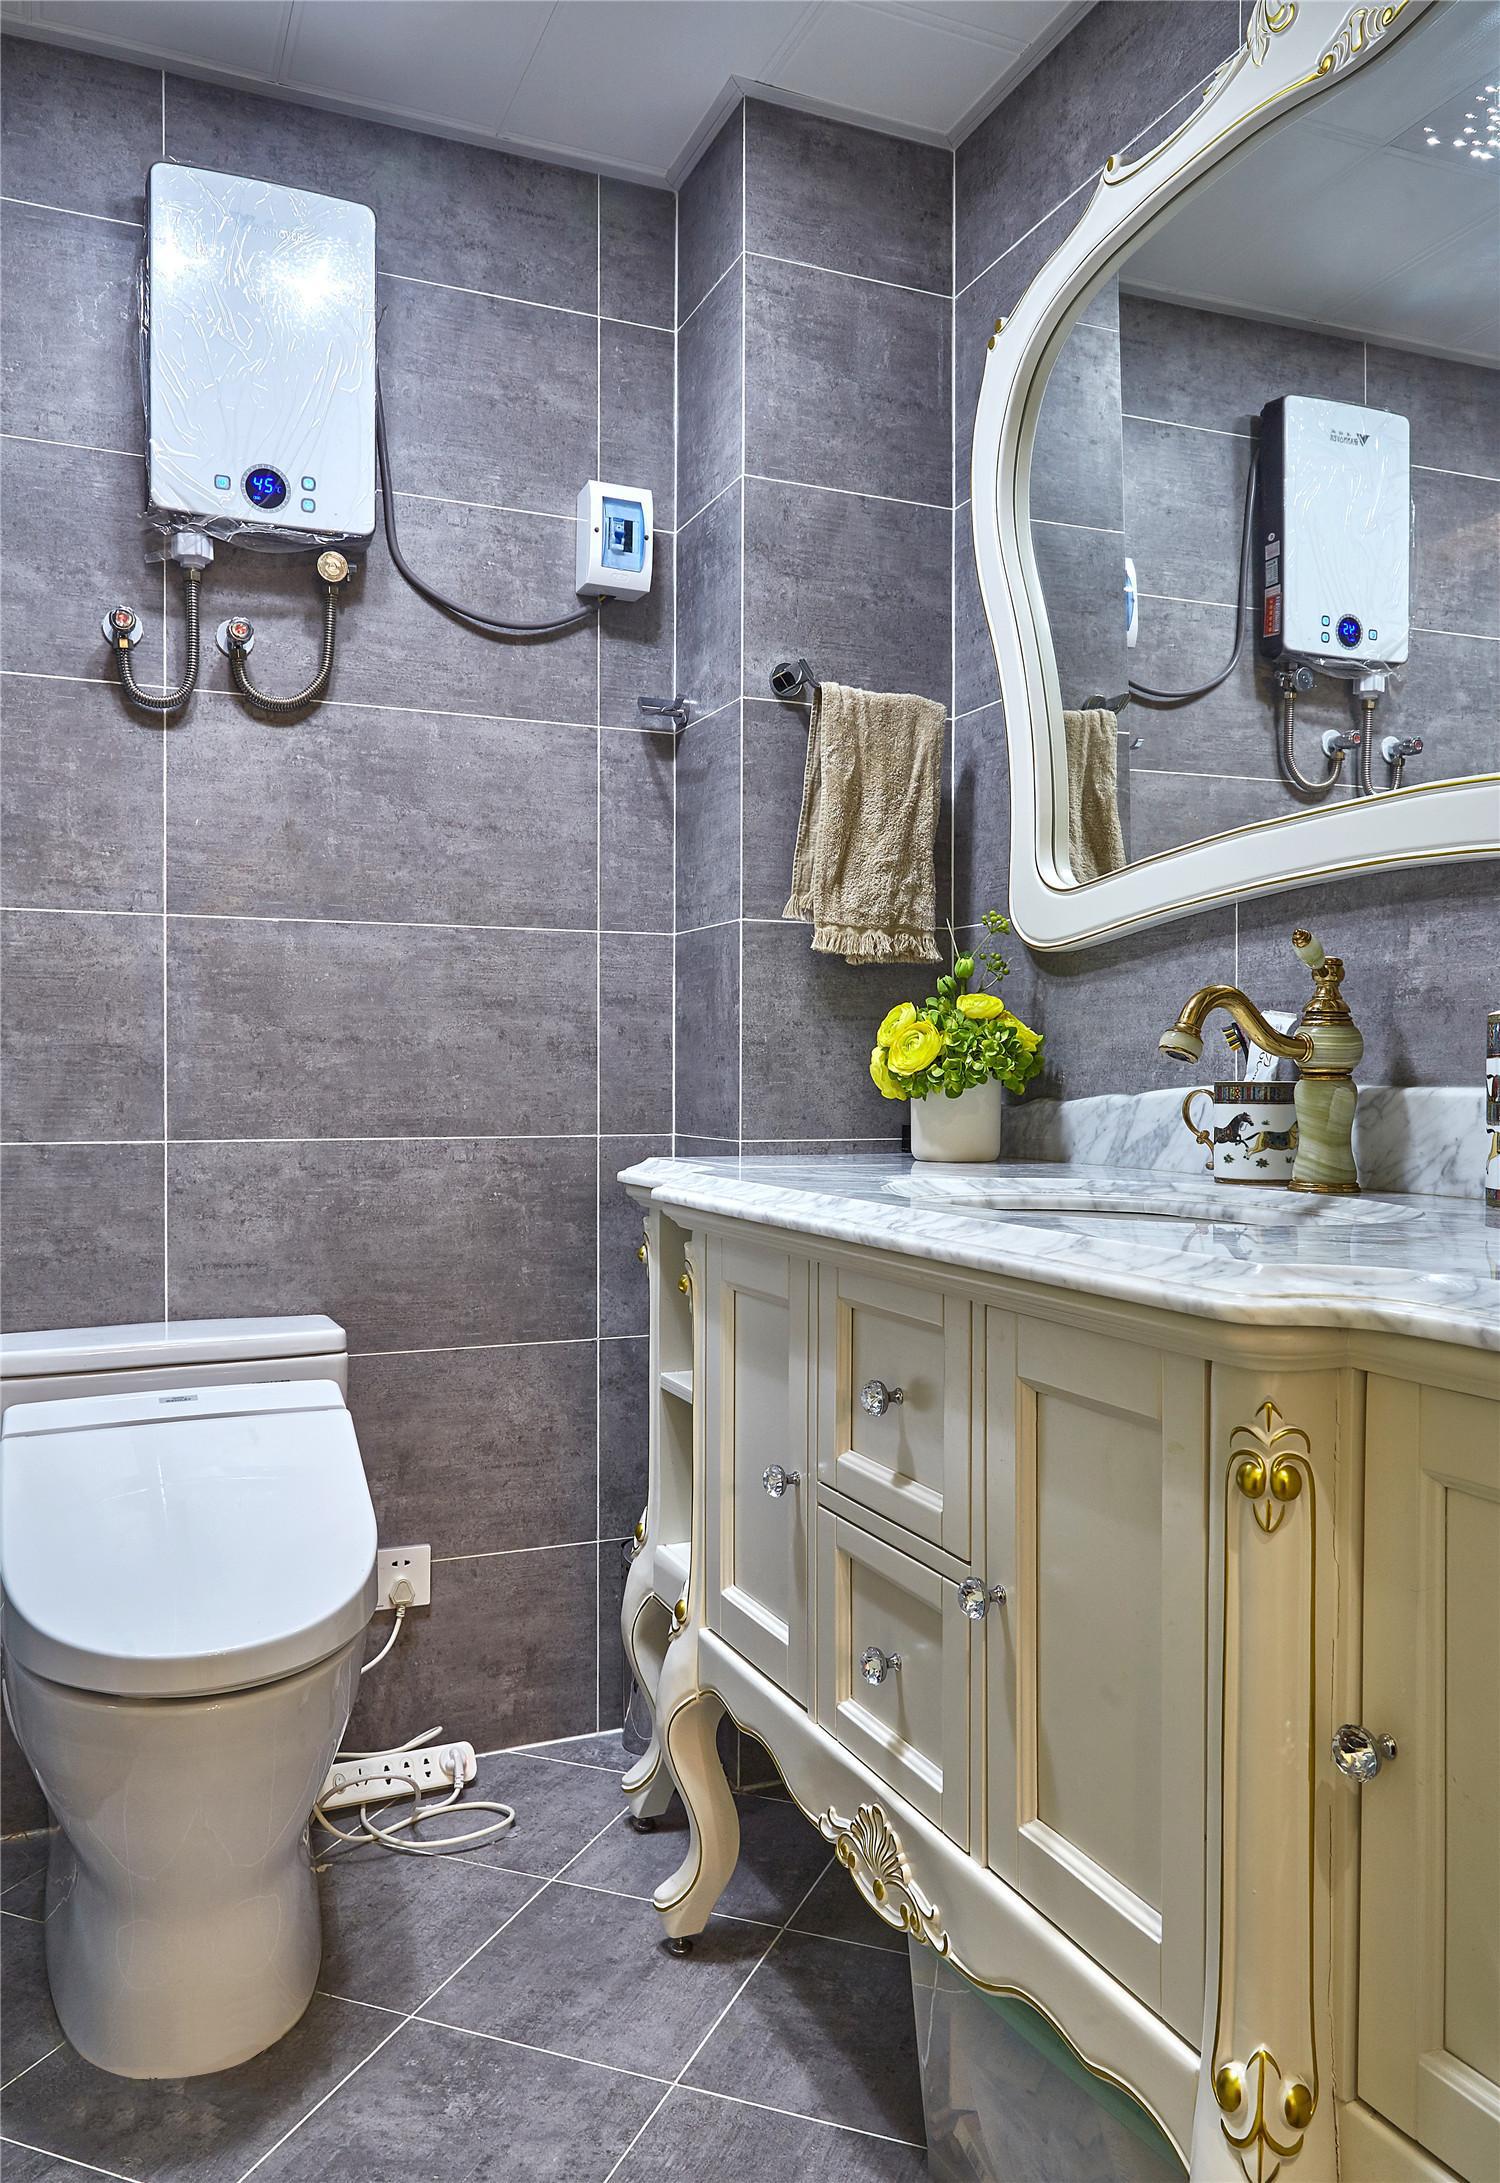 简约美式风格别墅卫生间金属来自别墅设计师杨洋在图片a风格美式小资白领岭南图片